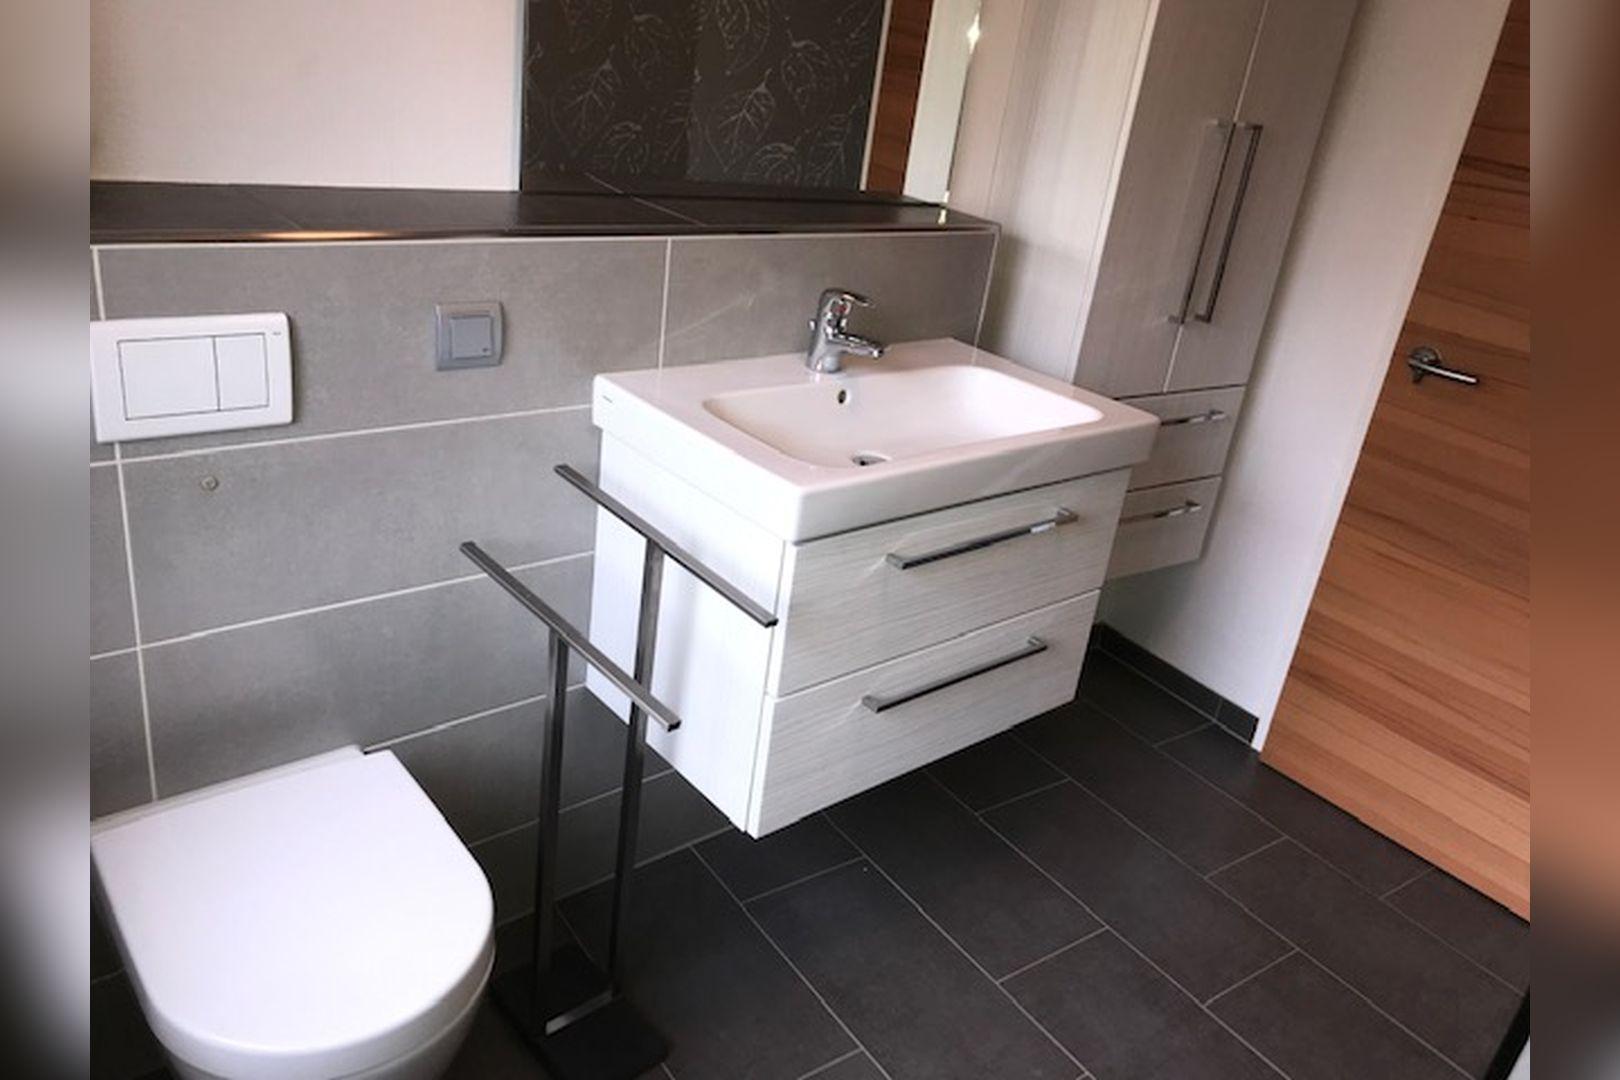 Immobilie Nr.0247 | Fronhofstraße 44, 40668 Meerbusch - Lank